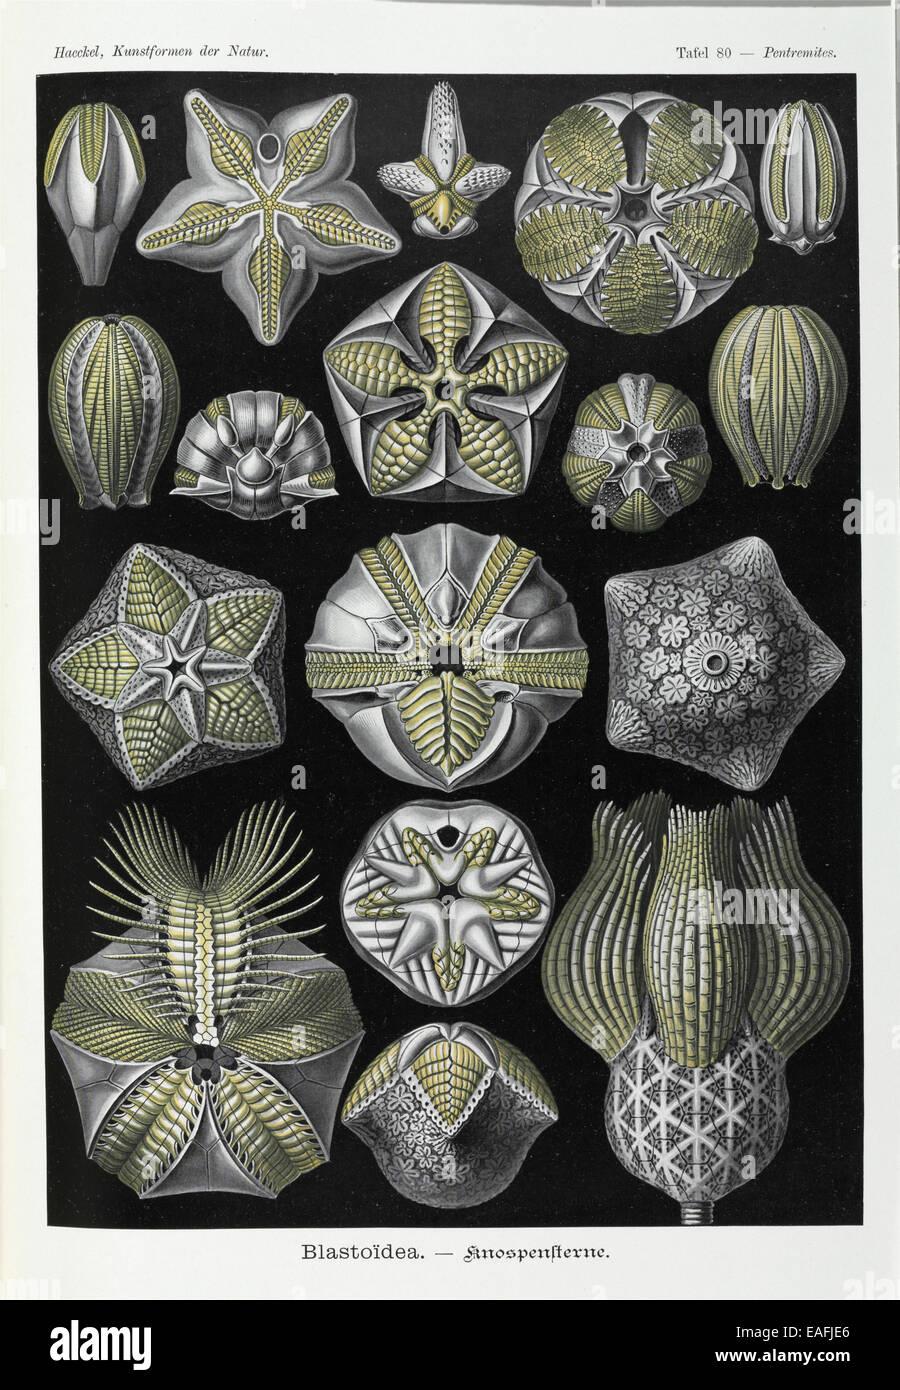 Blastoidea; varie specie di un tipo di estinzione di gambi di echinodermi. Immagini Stock